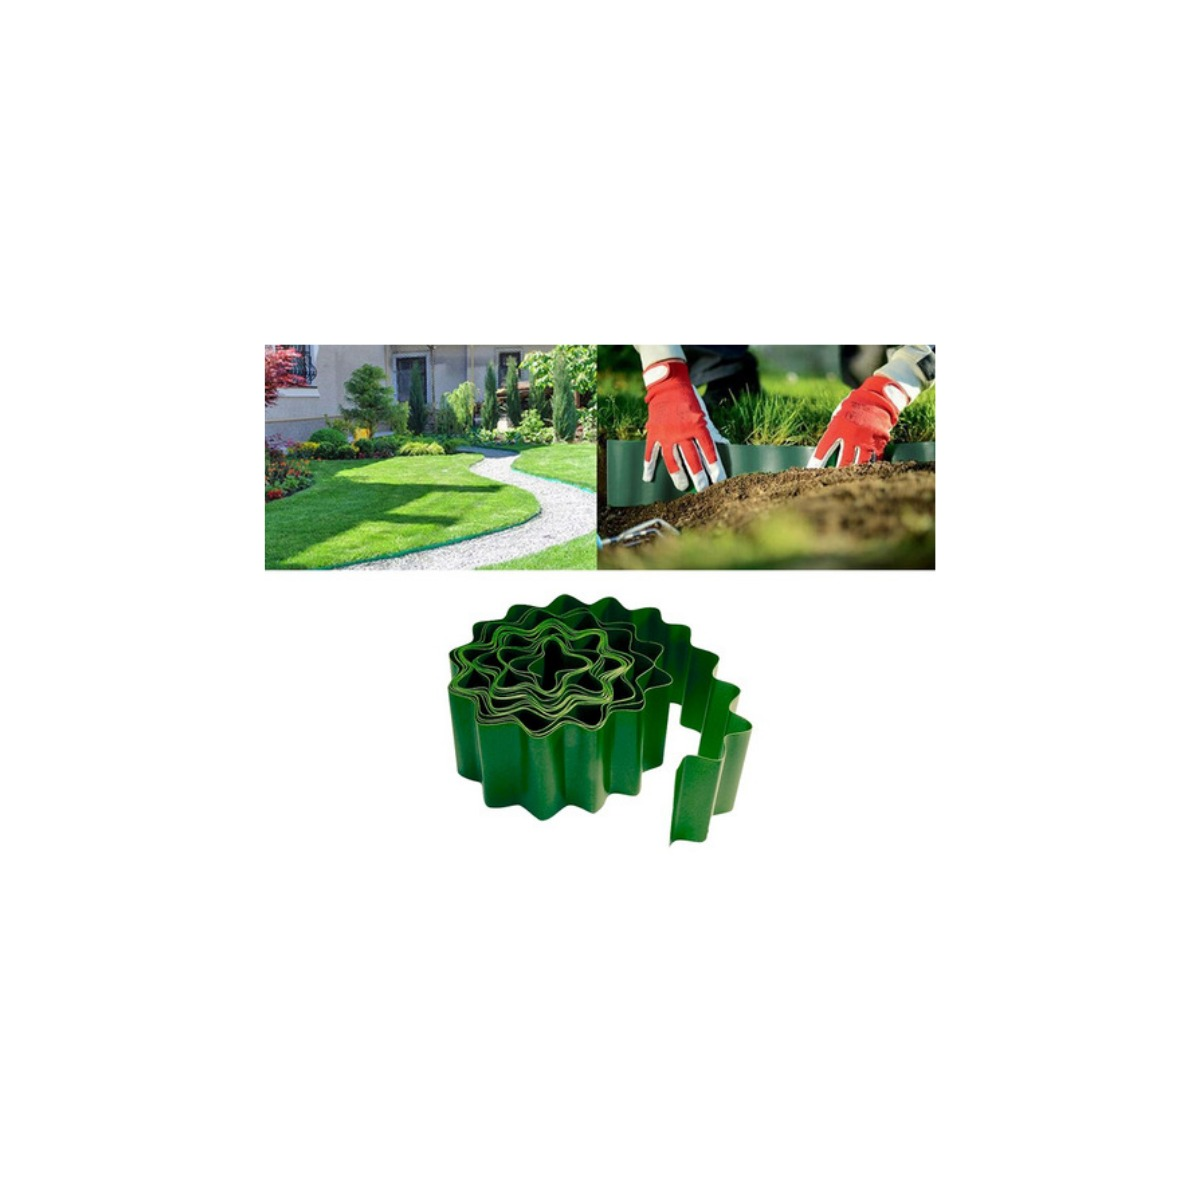 Separador Limitador de Grama 15x900cm Jardinagem Palisad